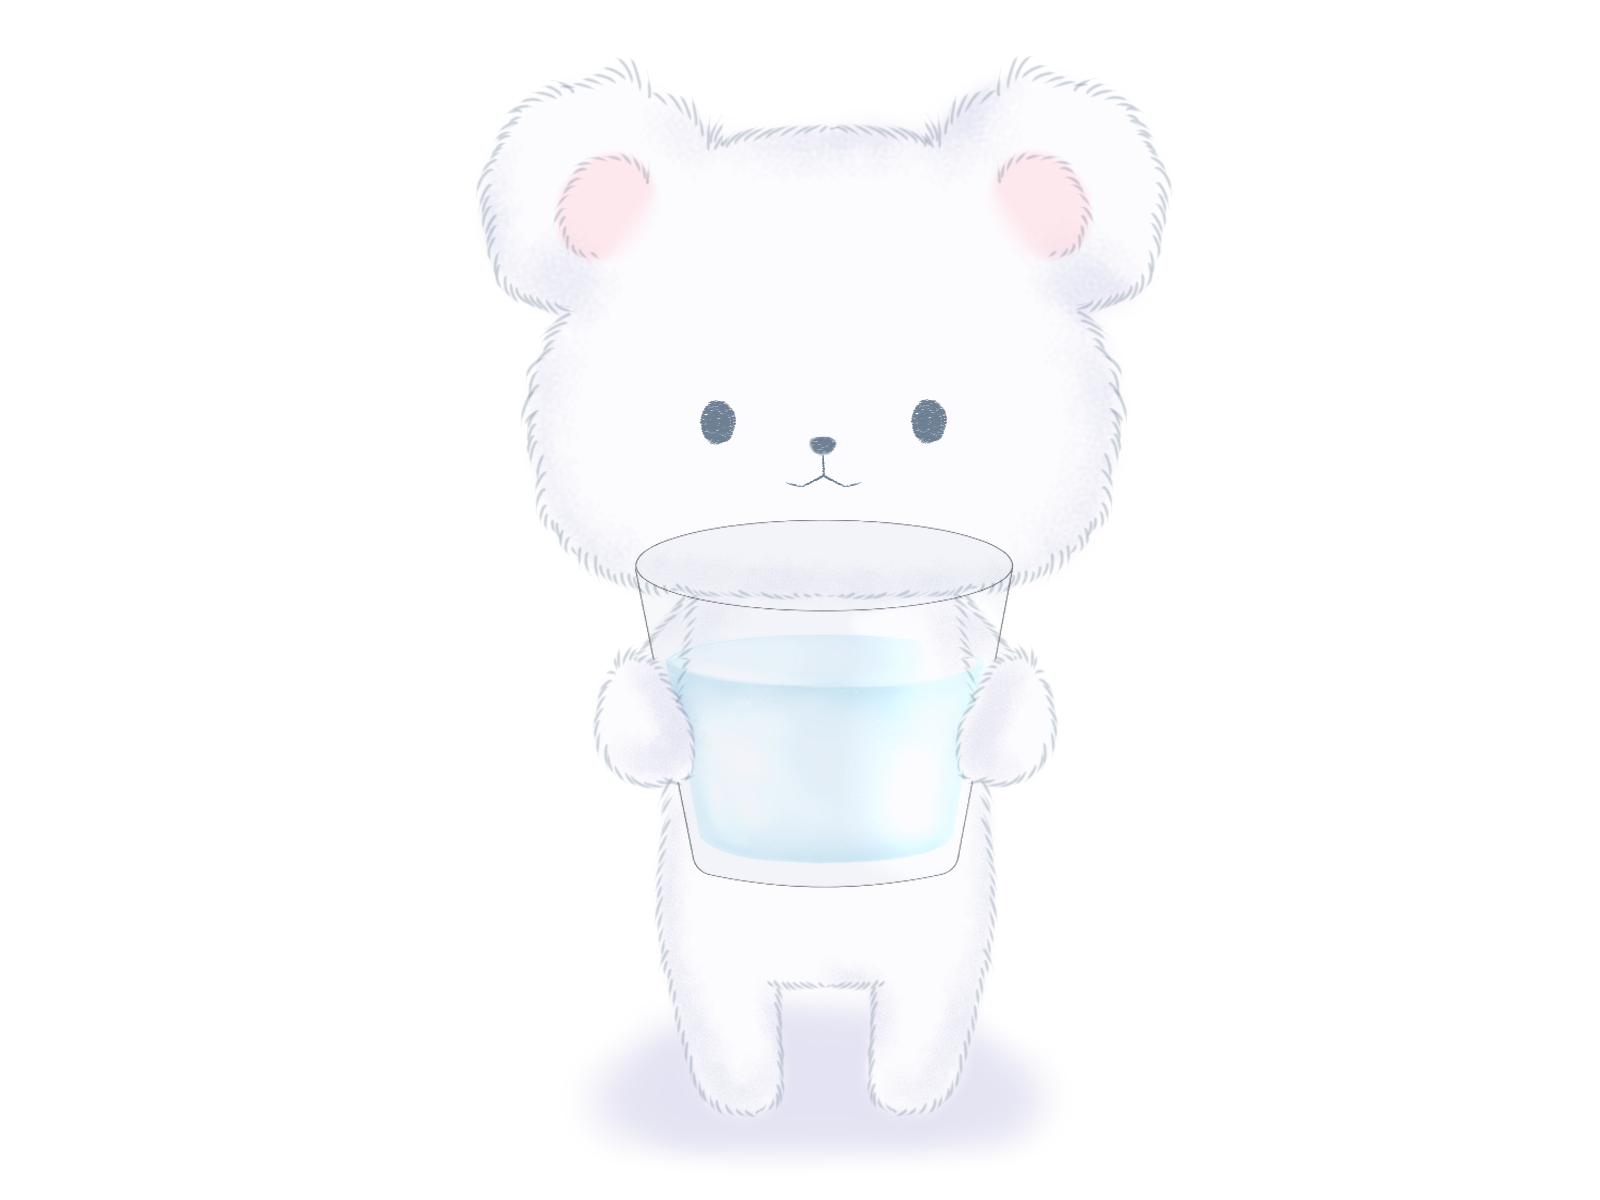 カラダを温めるならシンプルに白湯がおすすめ